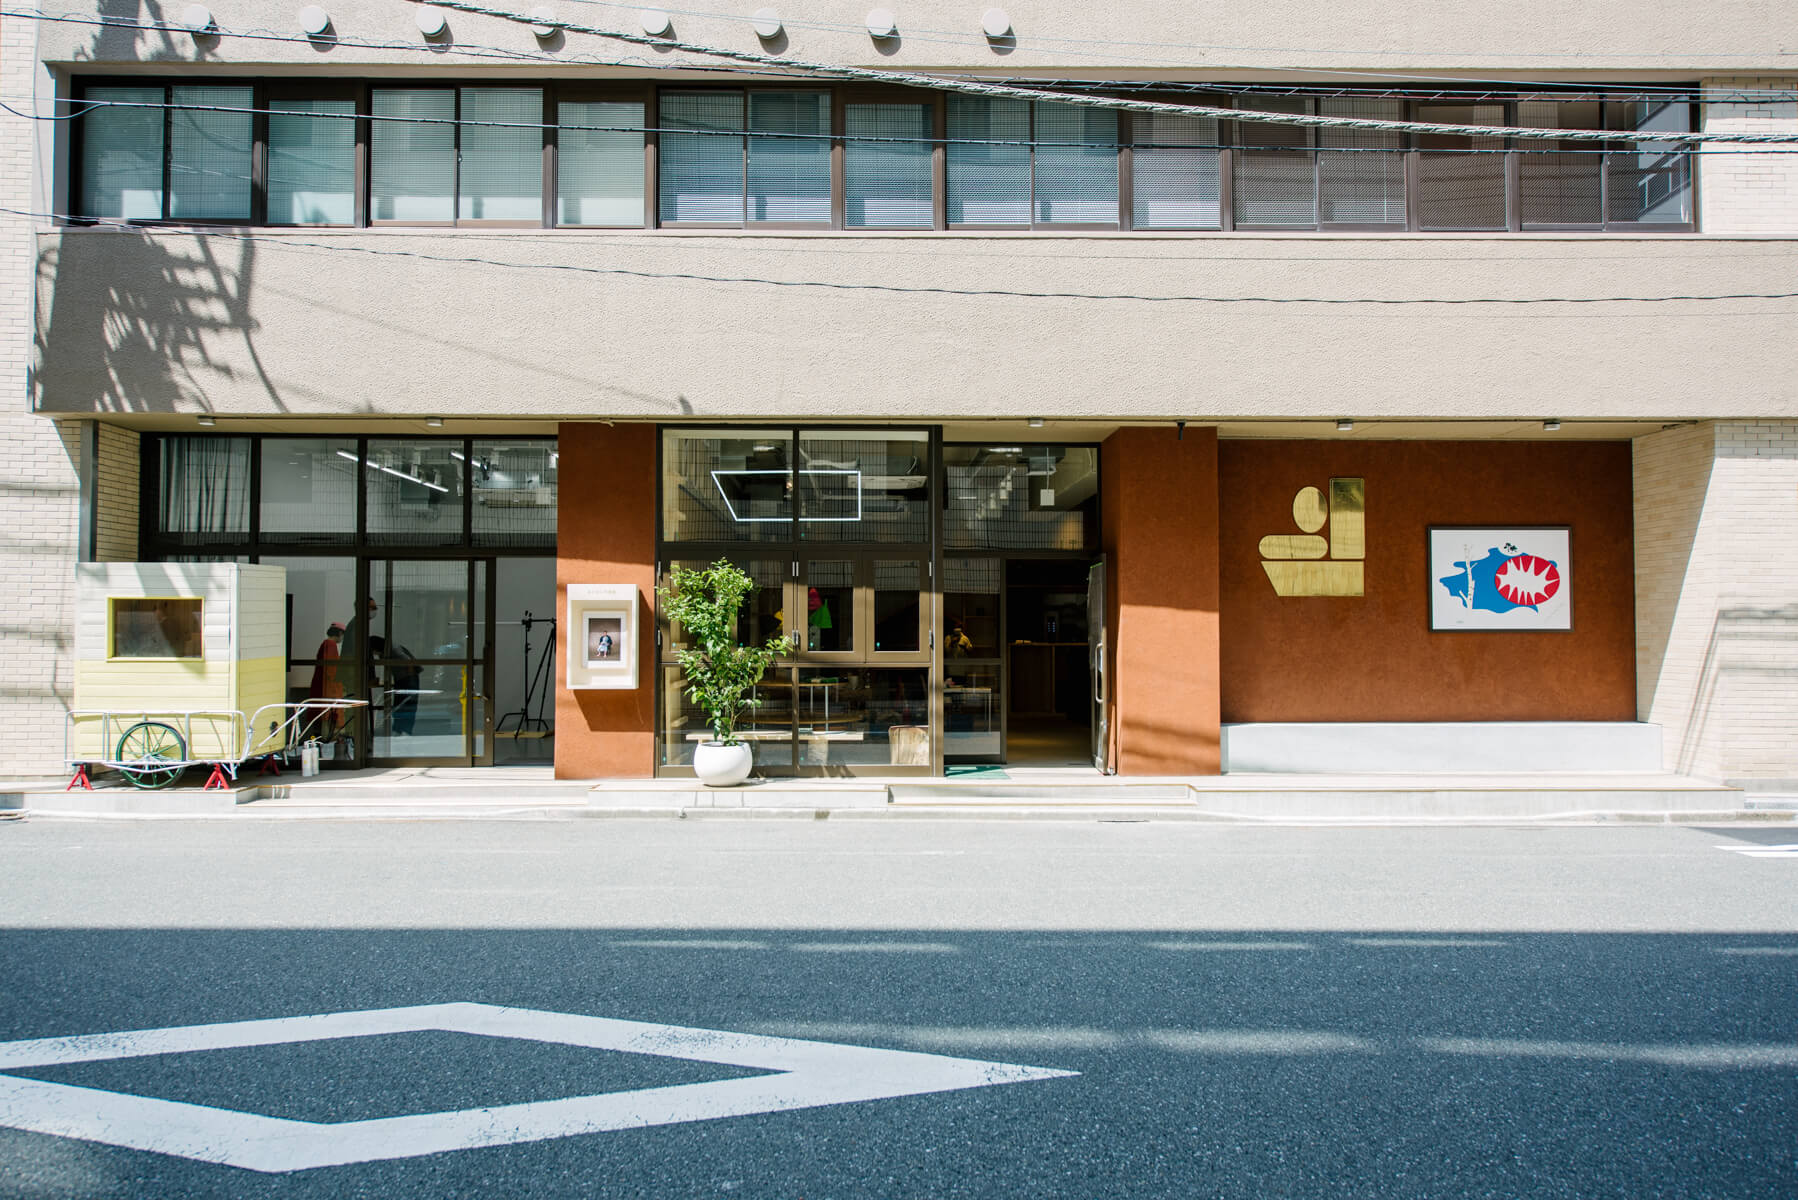 1F 神田ポート・B1F サウナマーケット